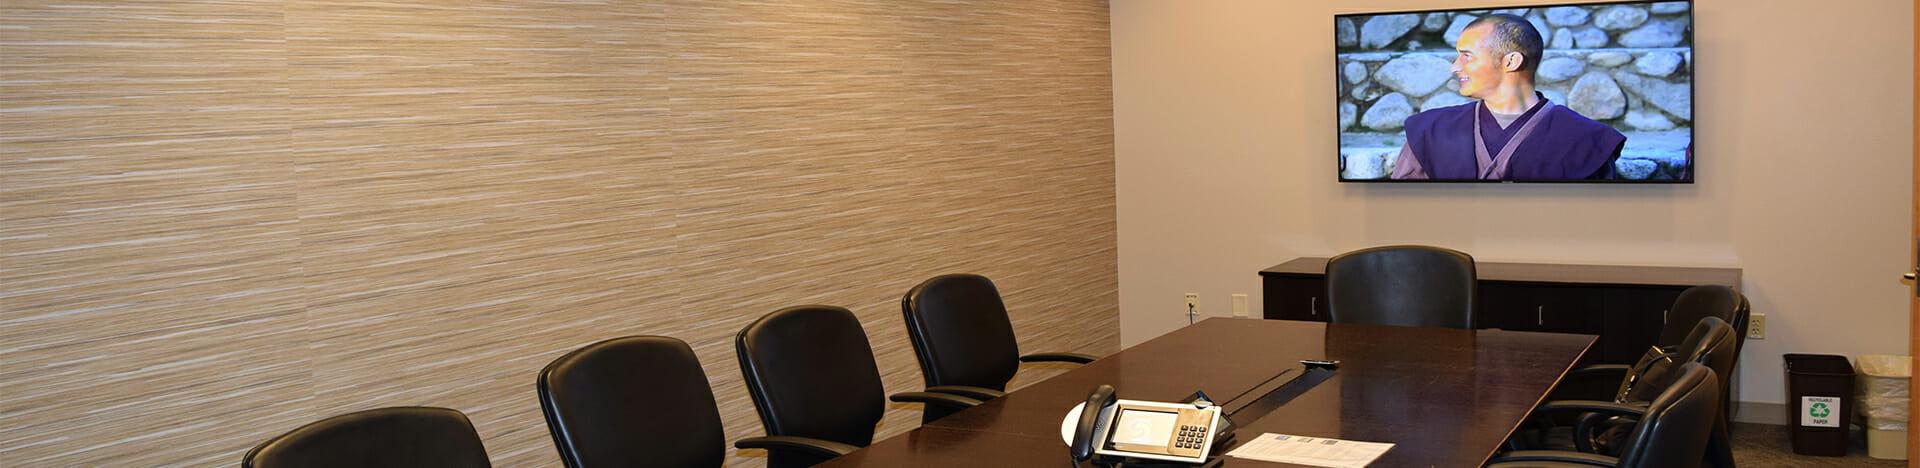 teleconferencing av